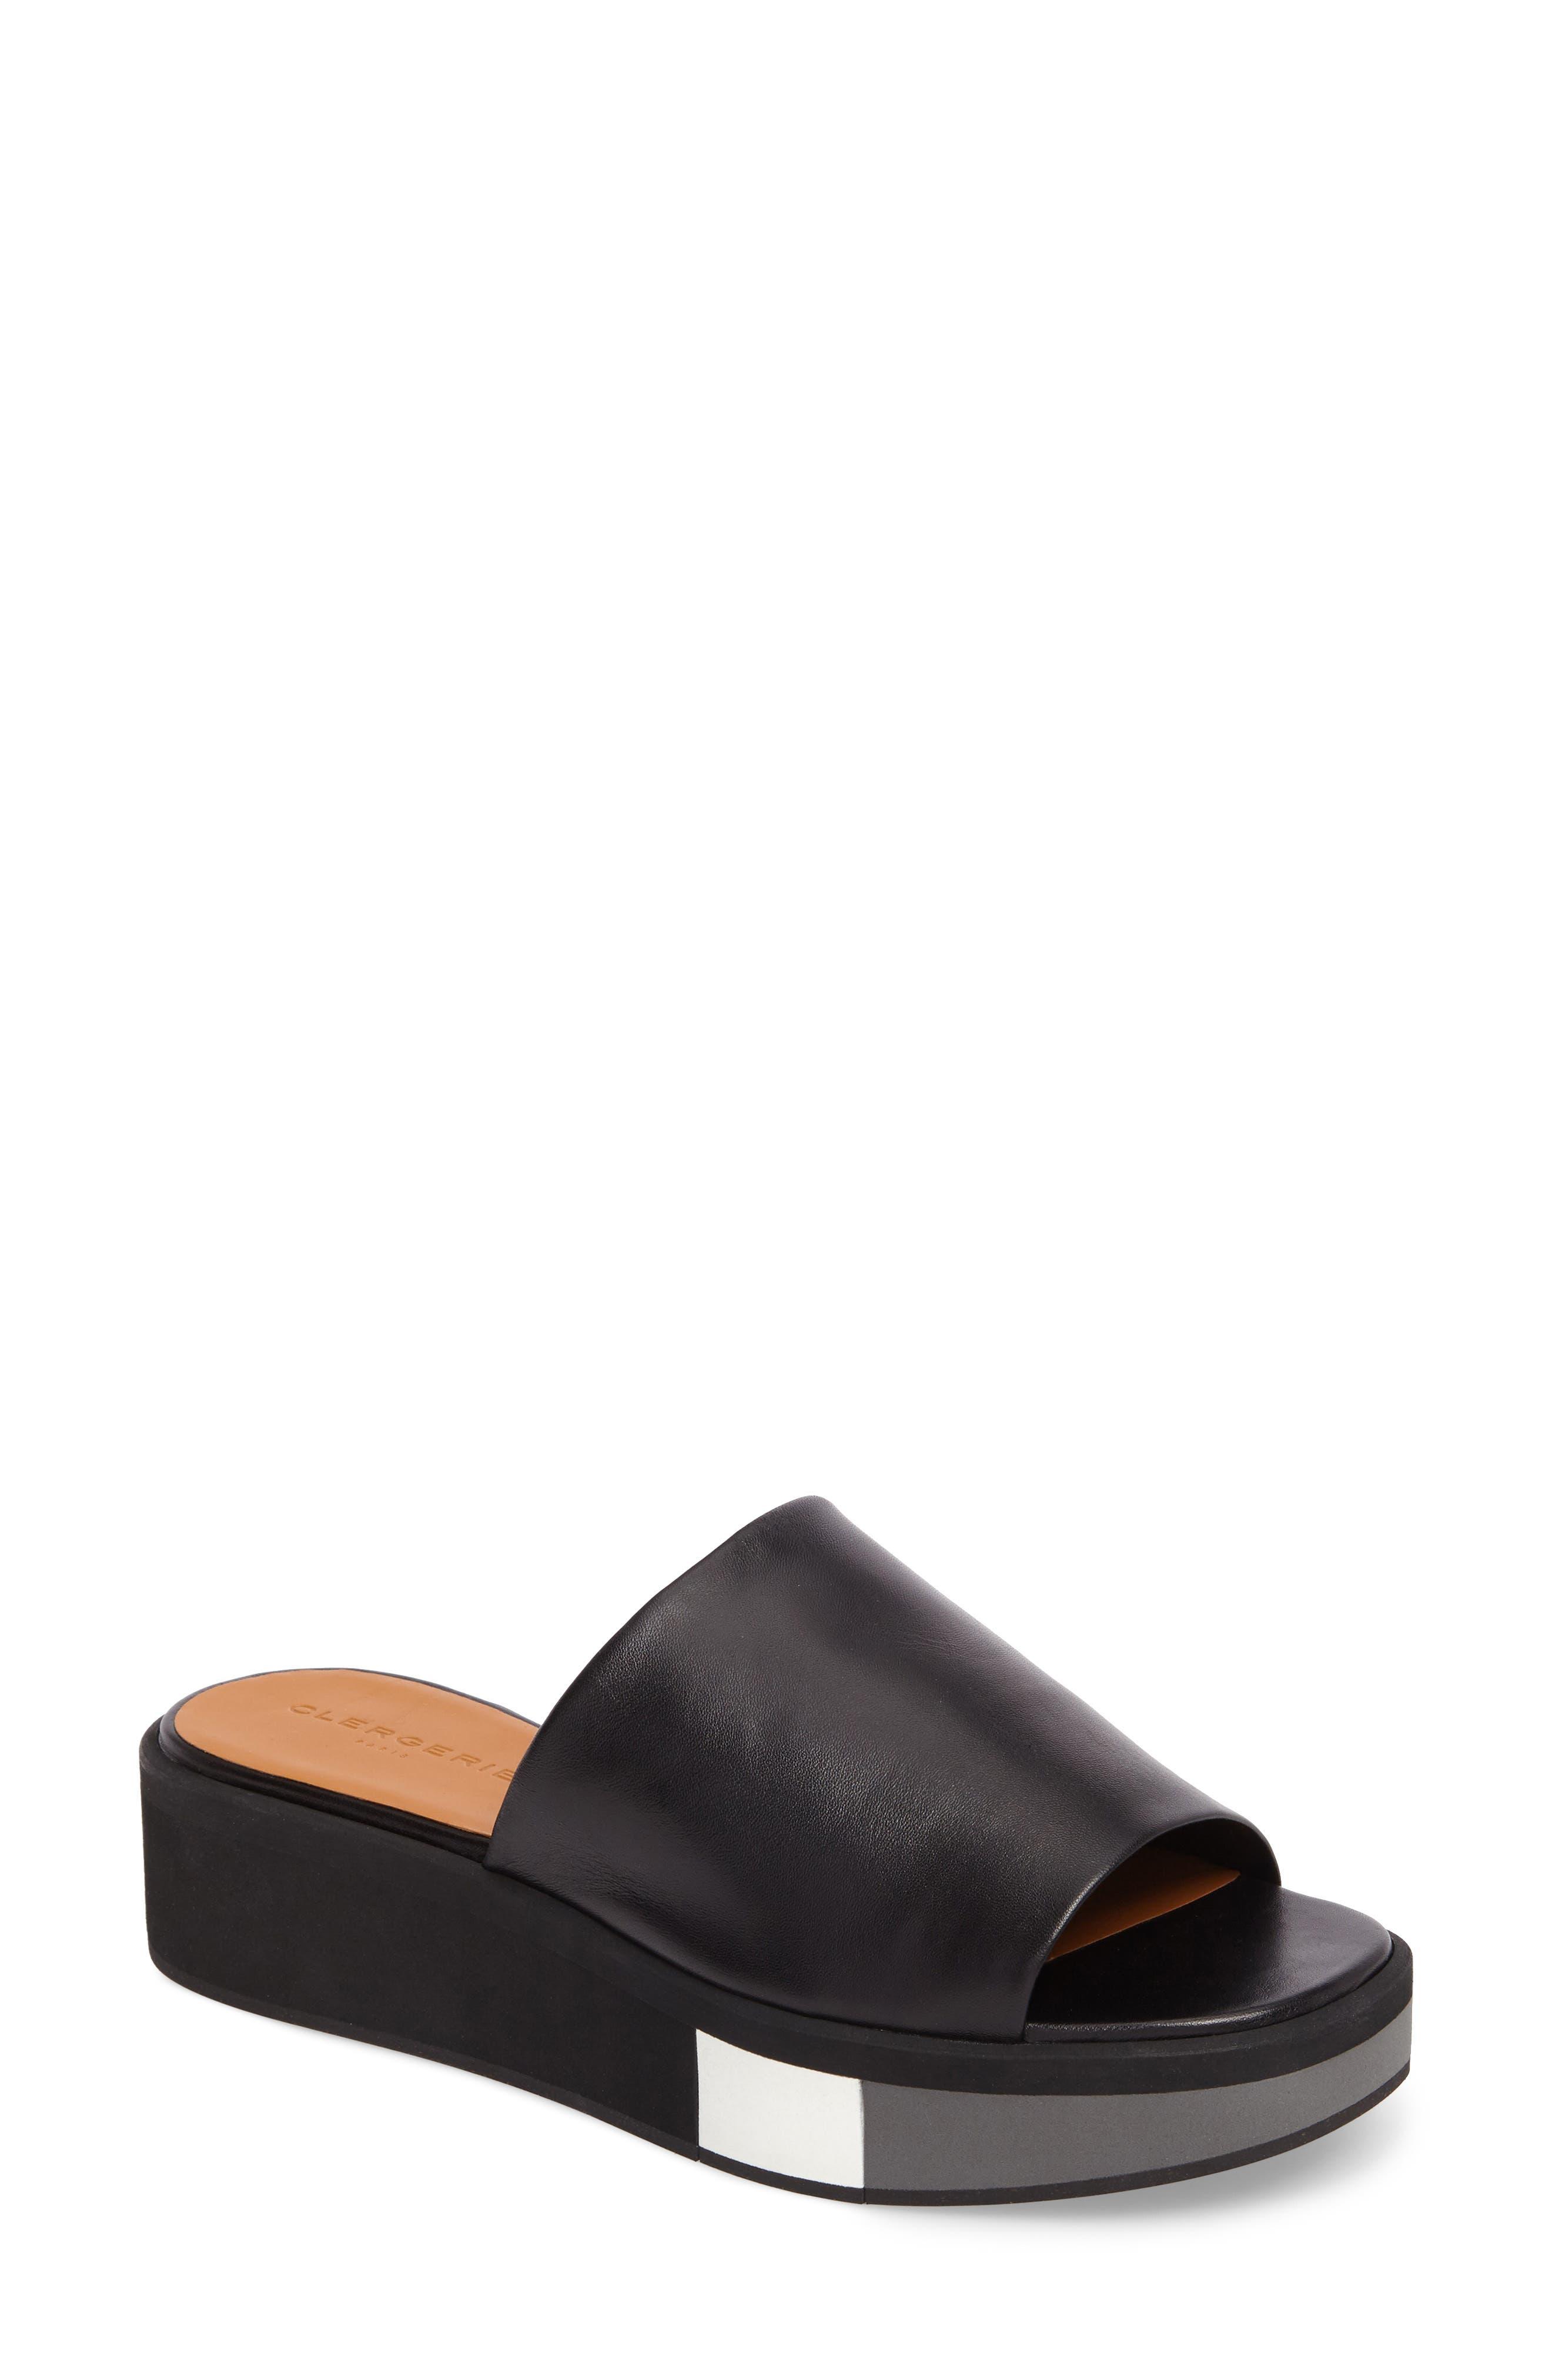 Quenor Platform Sandal, Main, color, 004